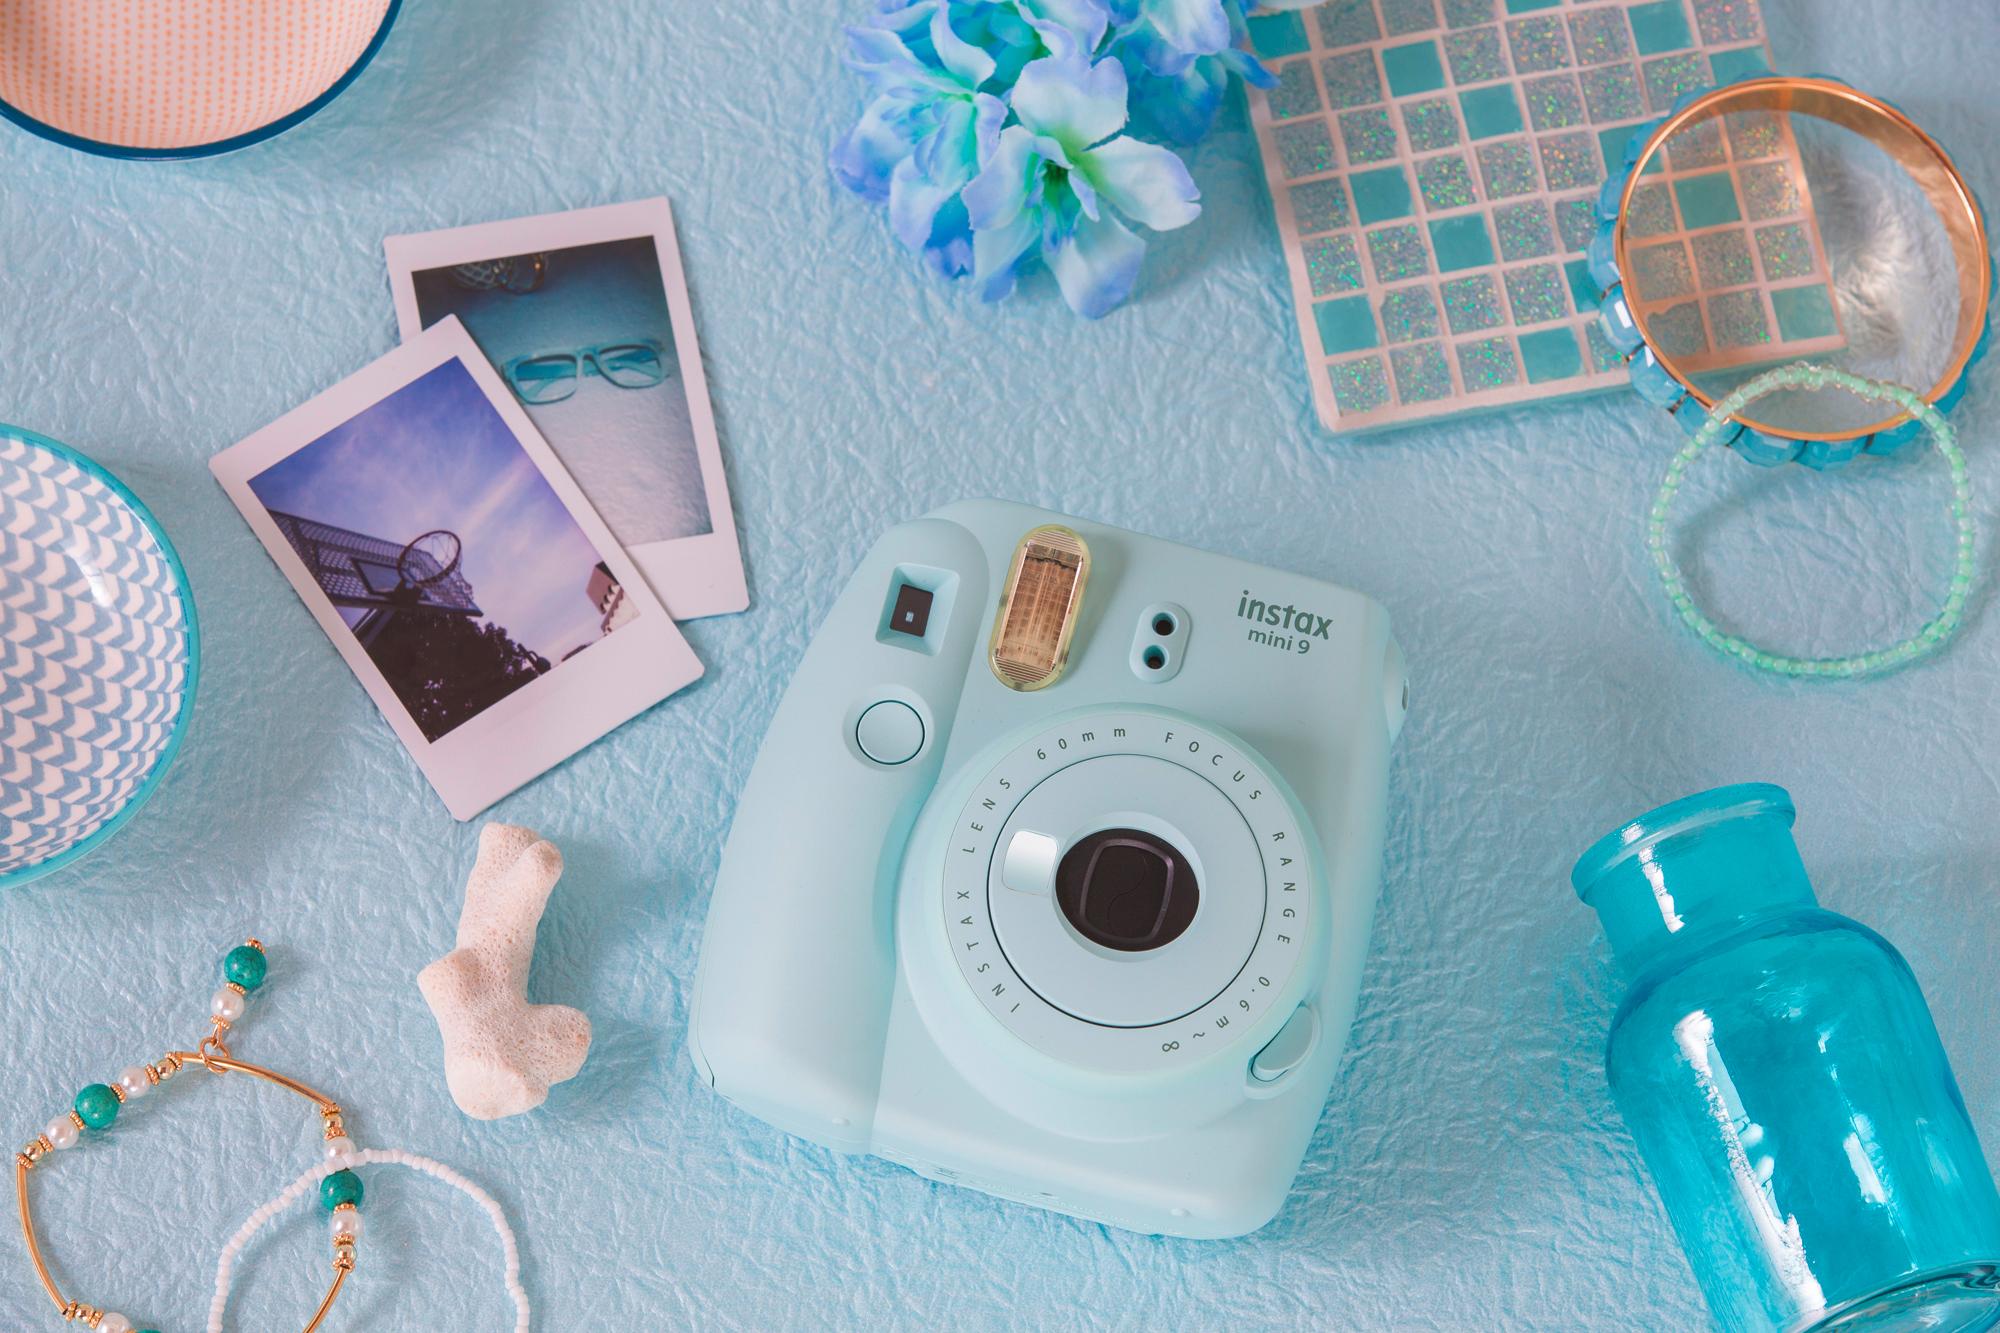 Největší hit letošních Vánoce je fotoaparát Instax Mini 9 v barevné variantě Ice Blue